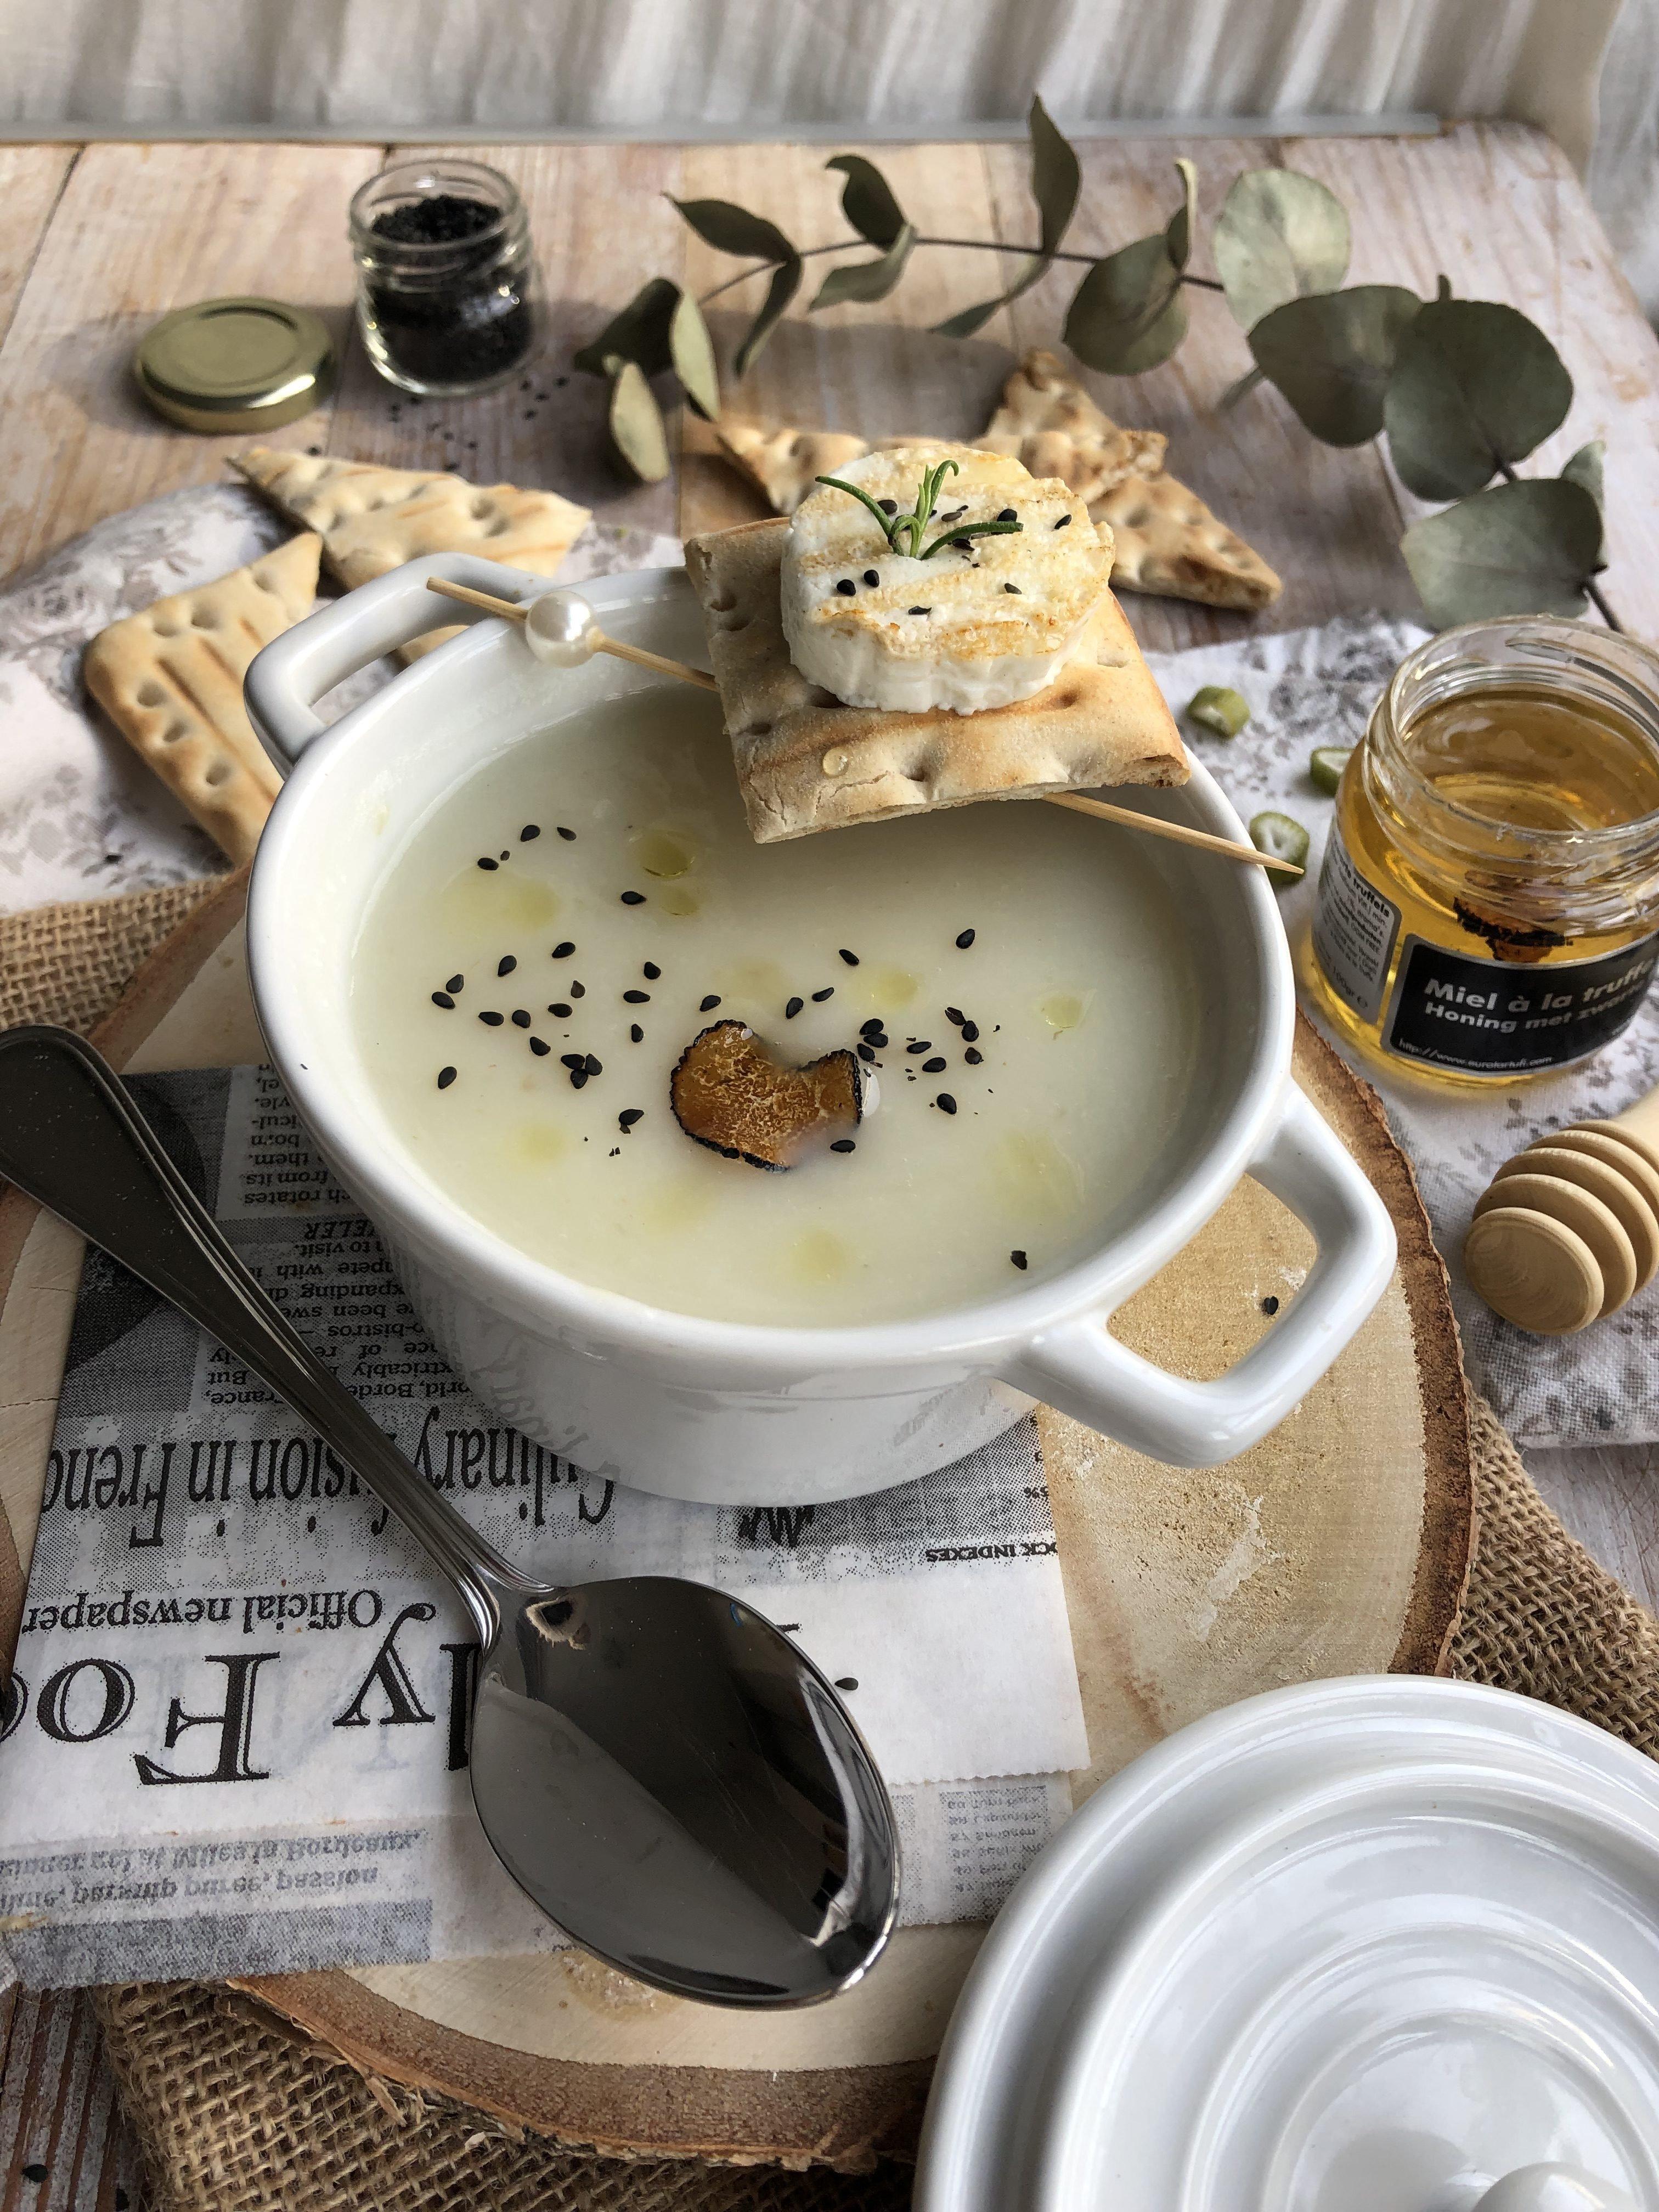 Velouté de Céleri au chèvre et huile de truffe